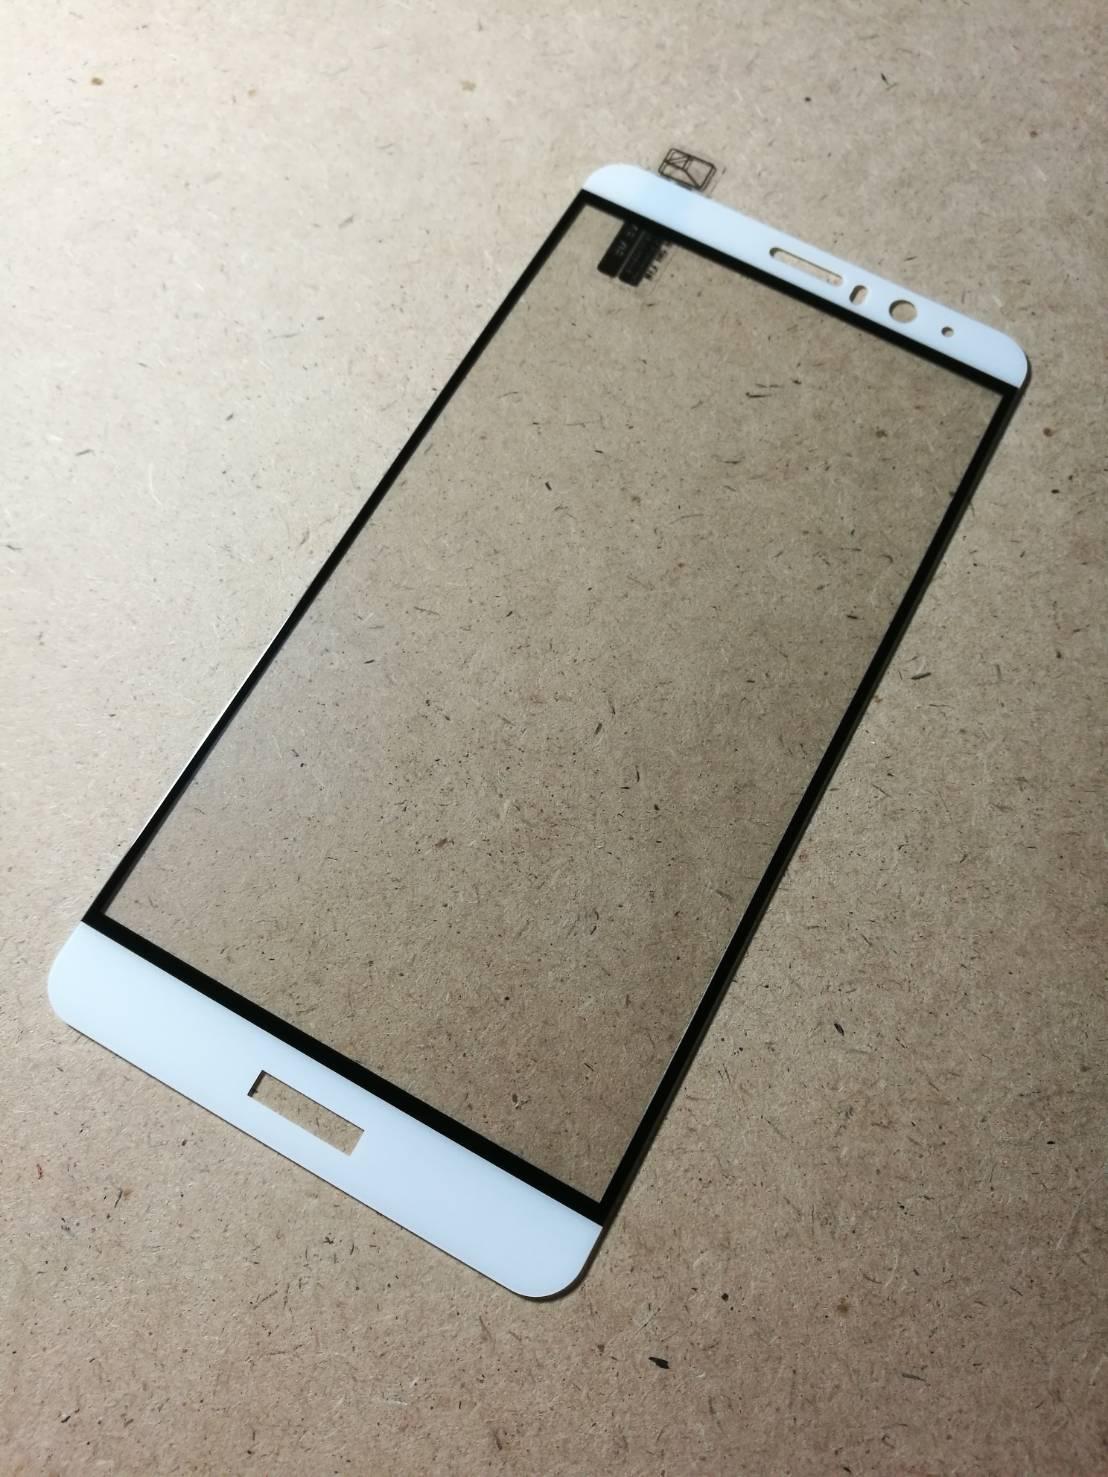 ฟิล์มกระจกเต็มจอ Huawei Mate 9 ขอบขาว